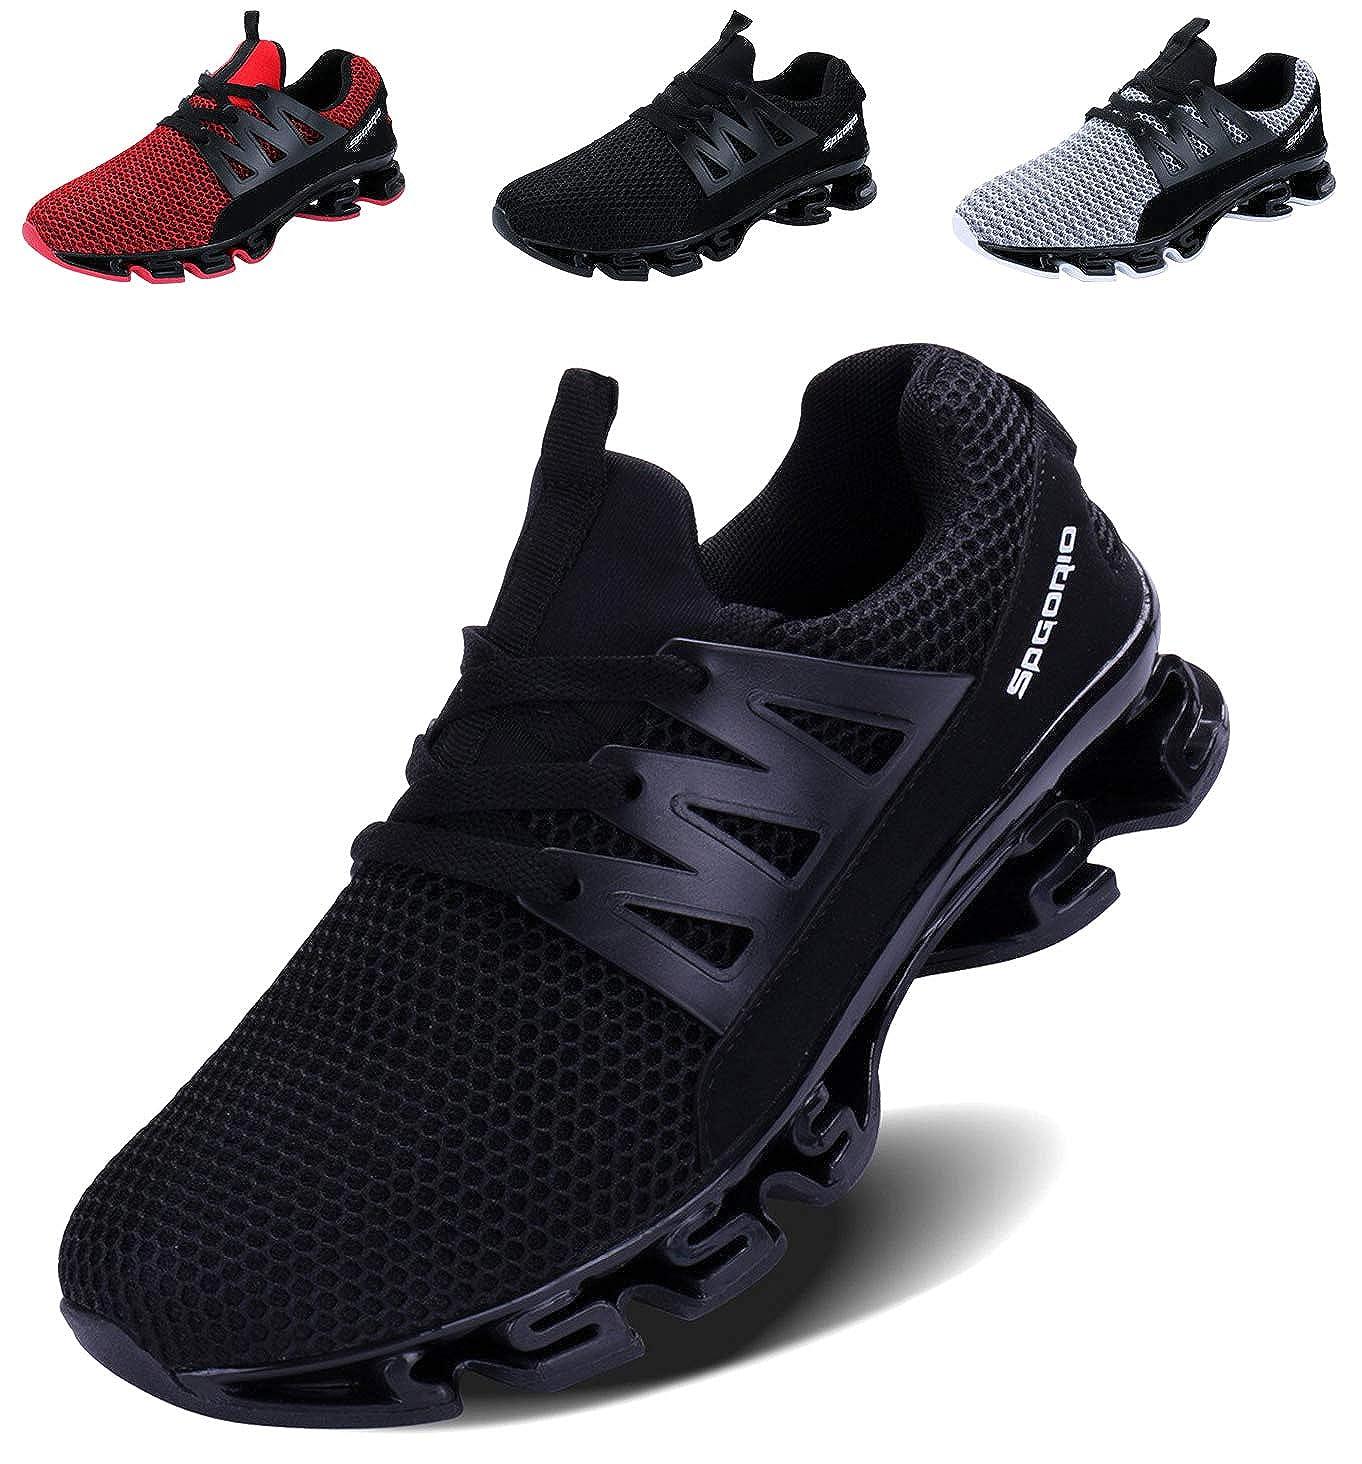 LSGEGO Zapatillas de Running para Hombre Zapatillas de Deporte Ligeras y Transpirables Zapatillas de Deporte atléticas Circulares Sneaker